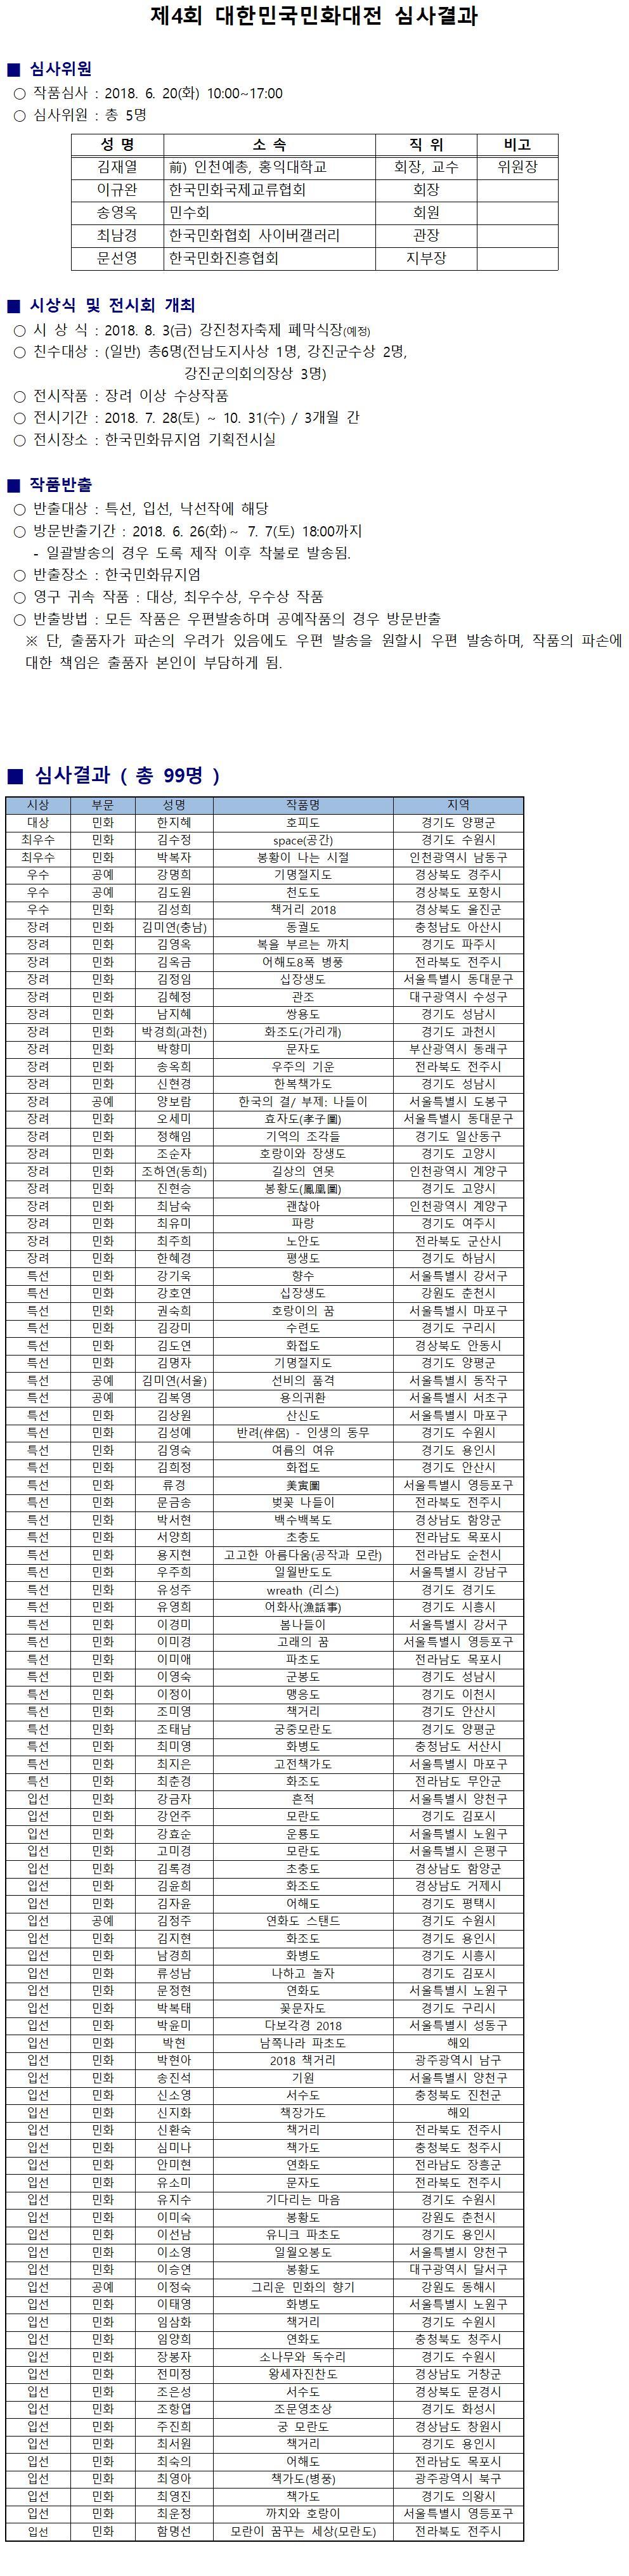 제4회 대한민국민화대전 일반부 심사결과001